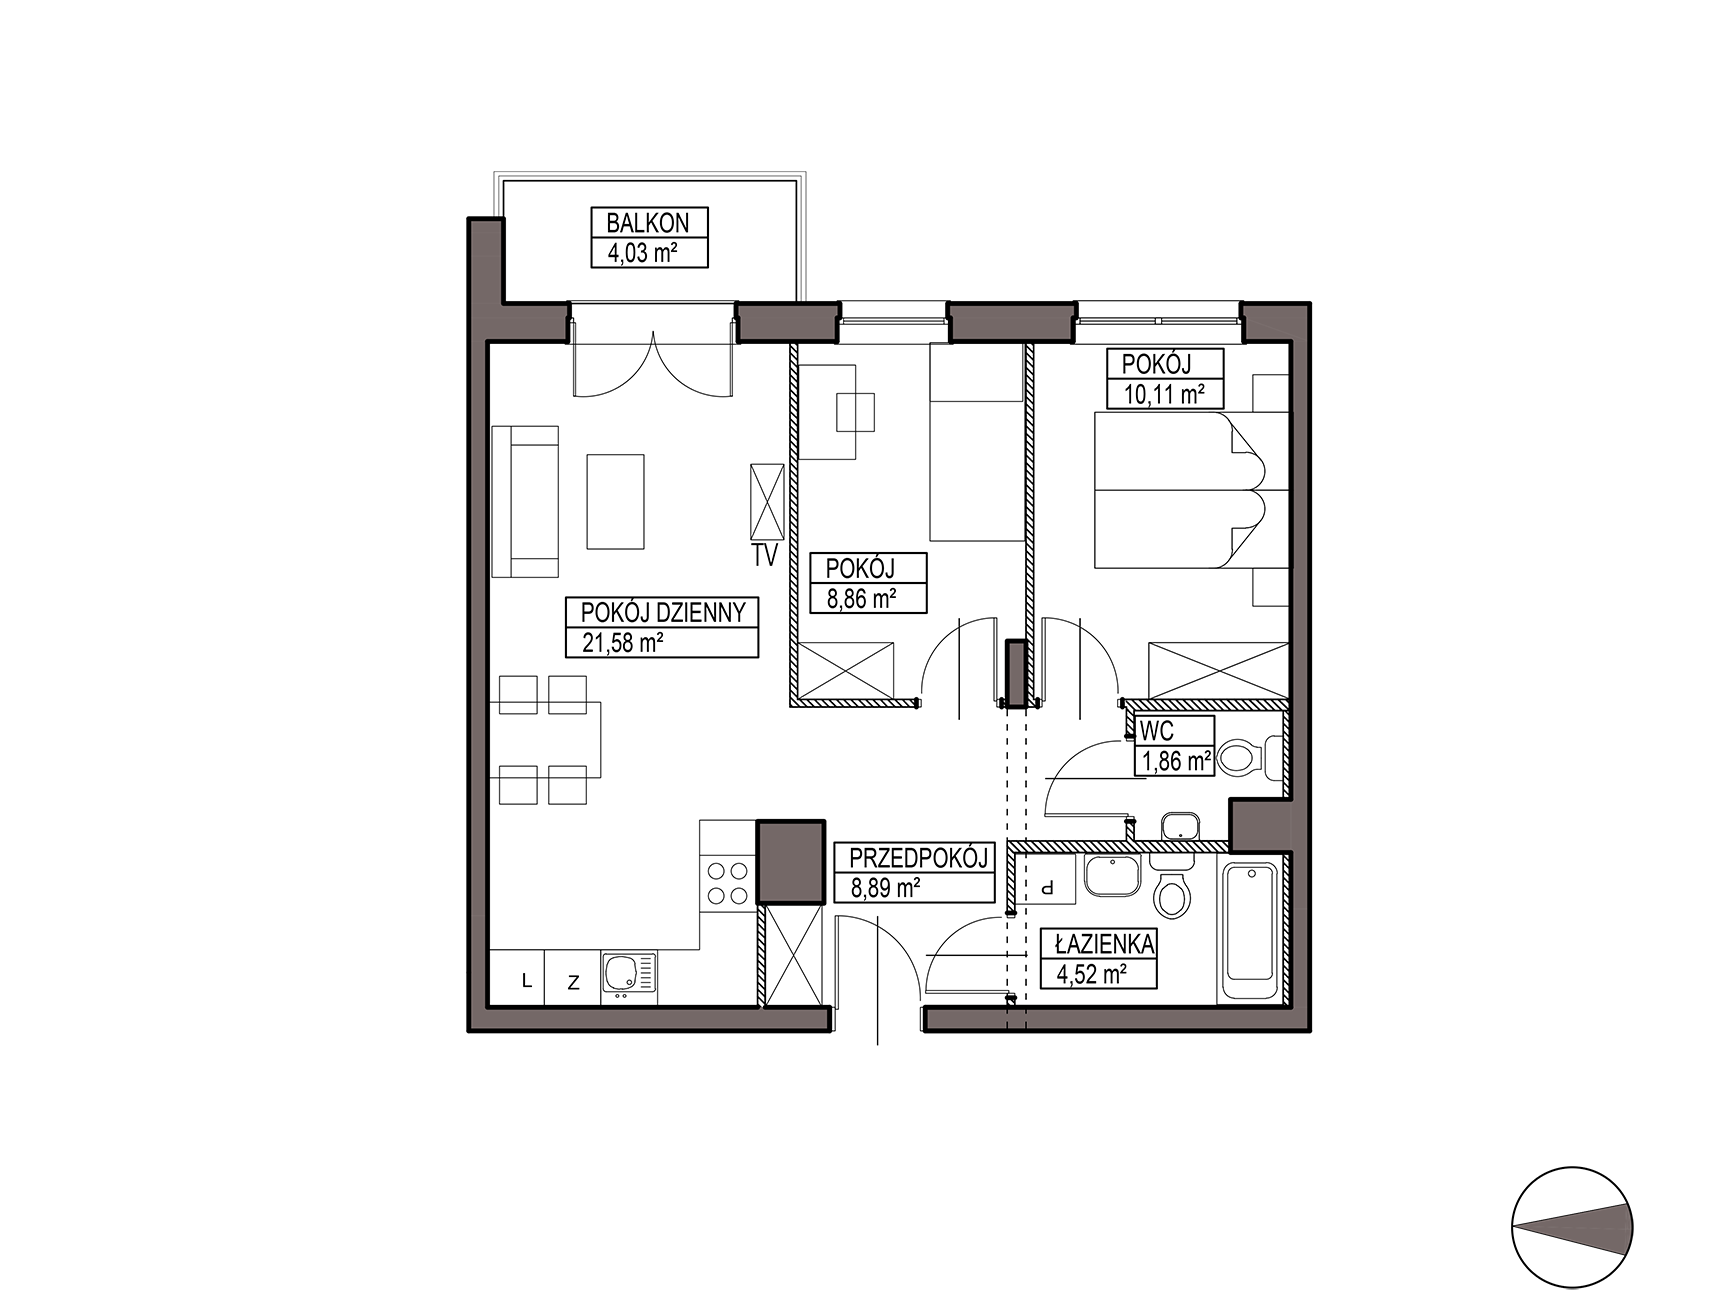 Uroczysko III / budynek 6 / mieszkanie H/0/4 rzut 1